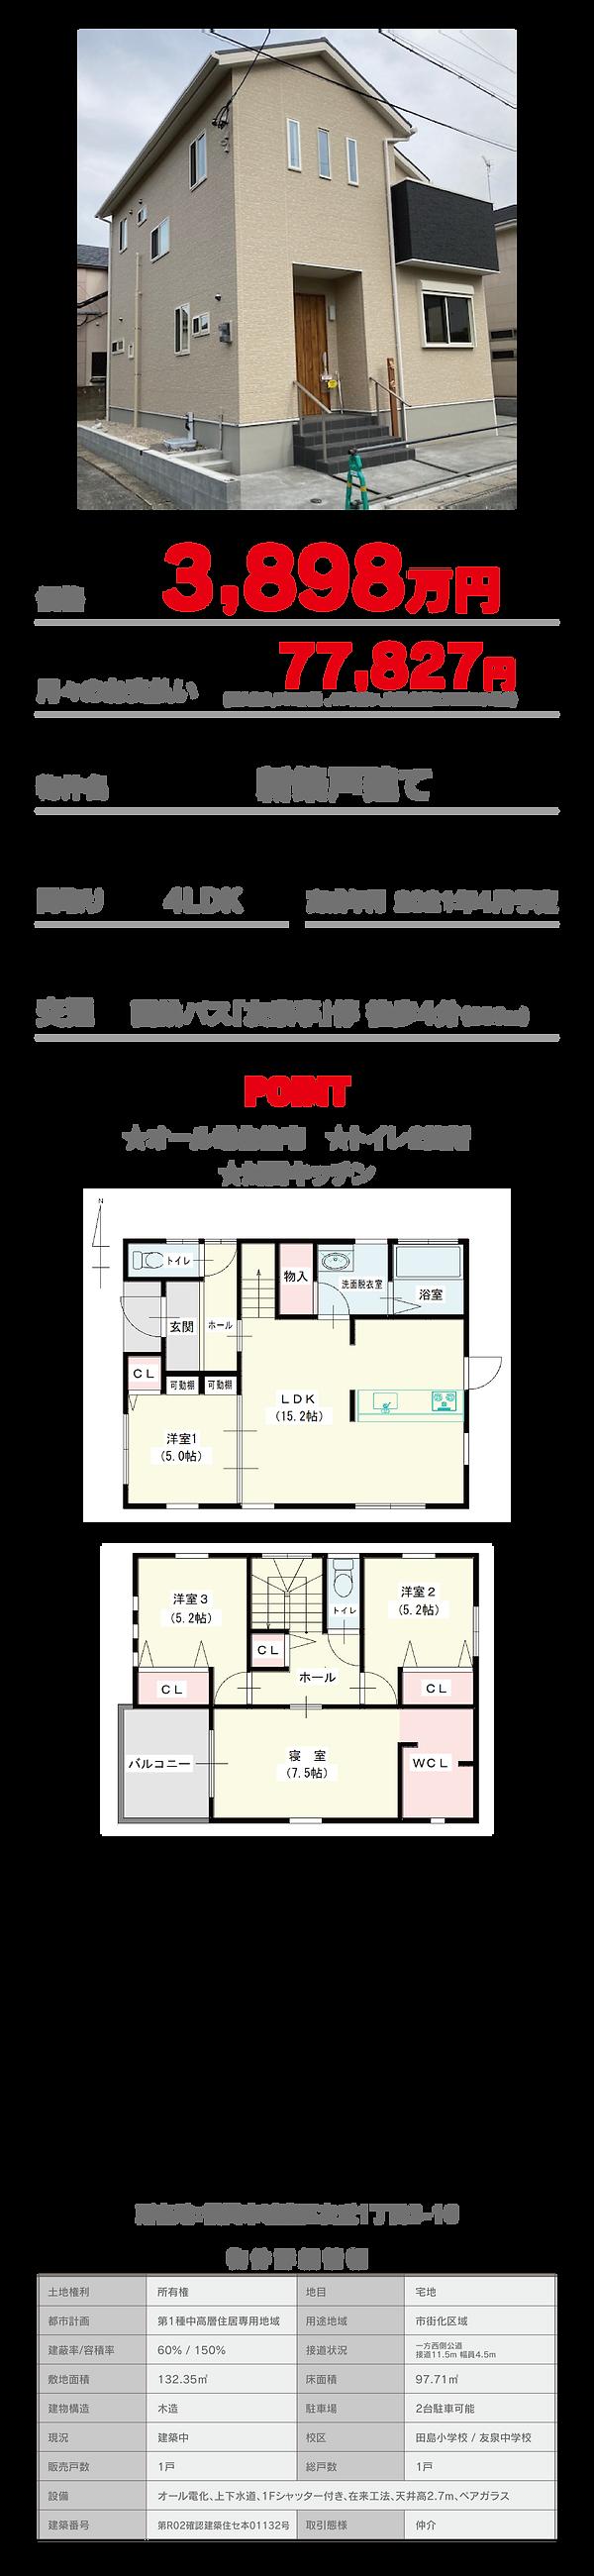 シティエステート様_城南区友丘1丁目-01.png